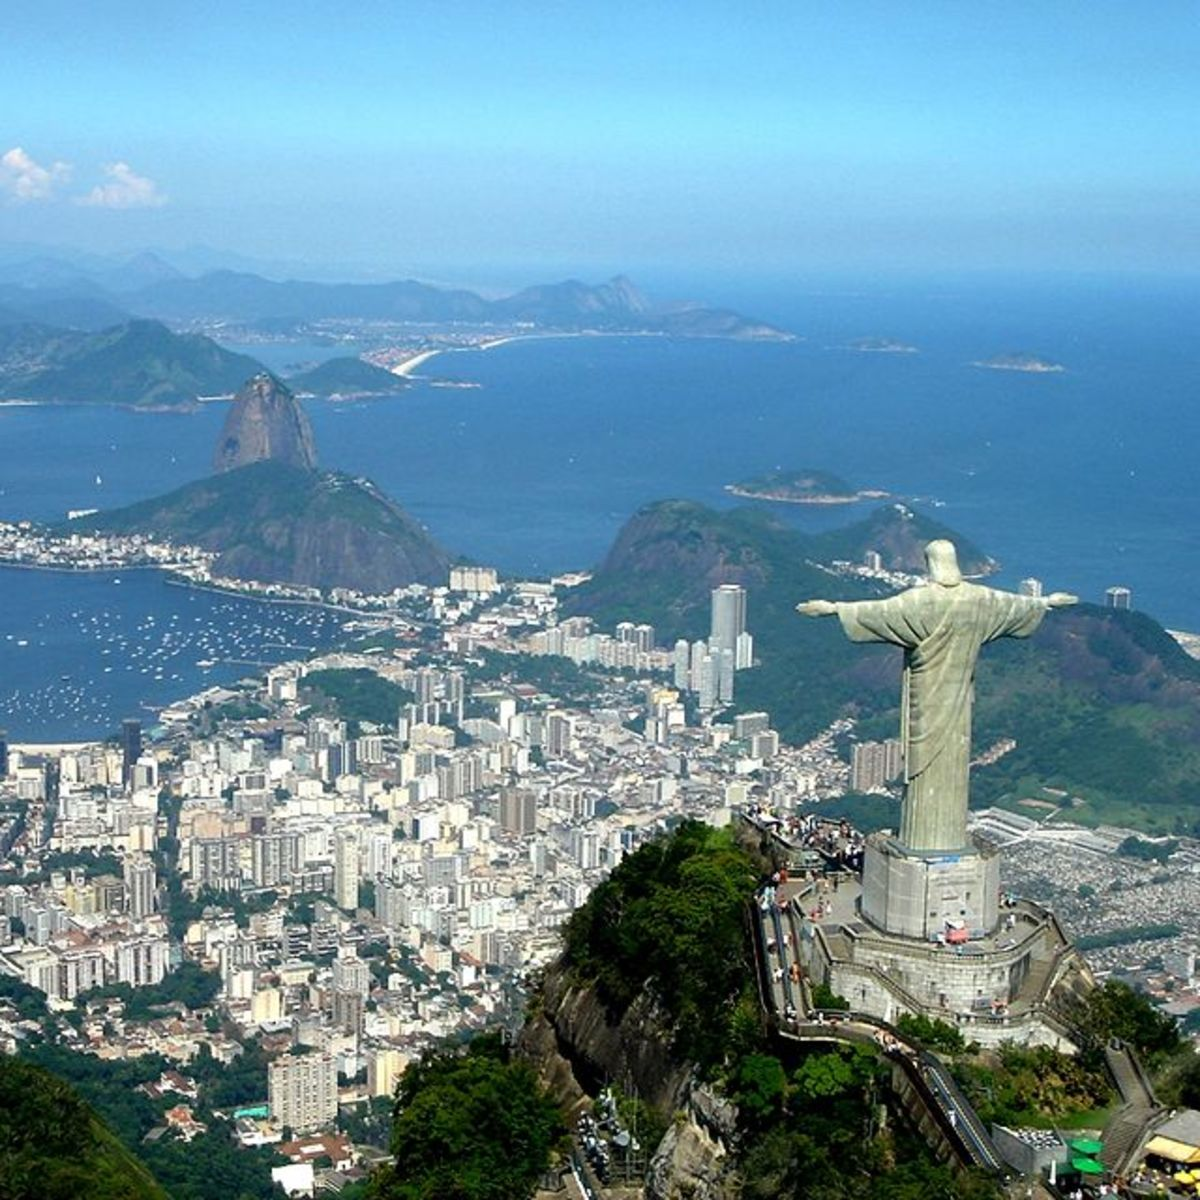 Christ the Redeemer statue overlooking Rio de Janeiro